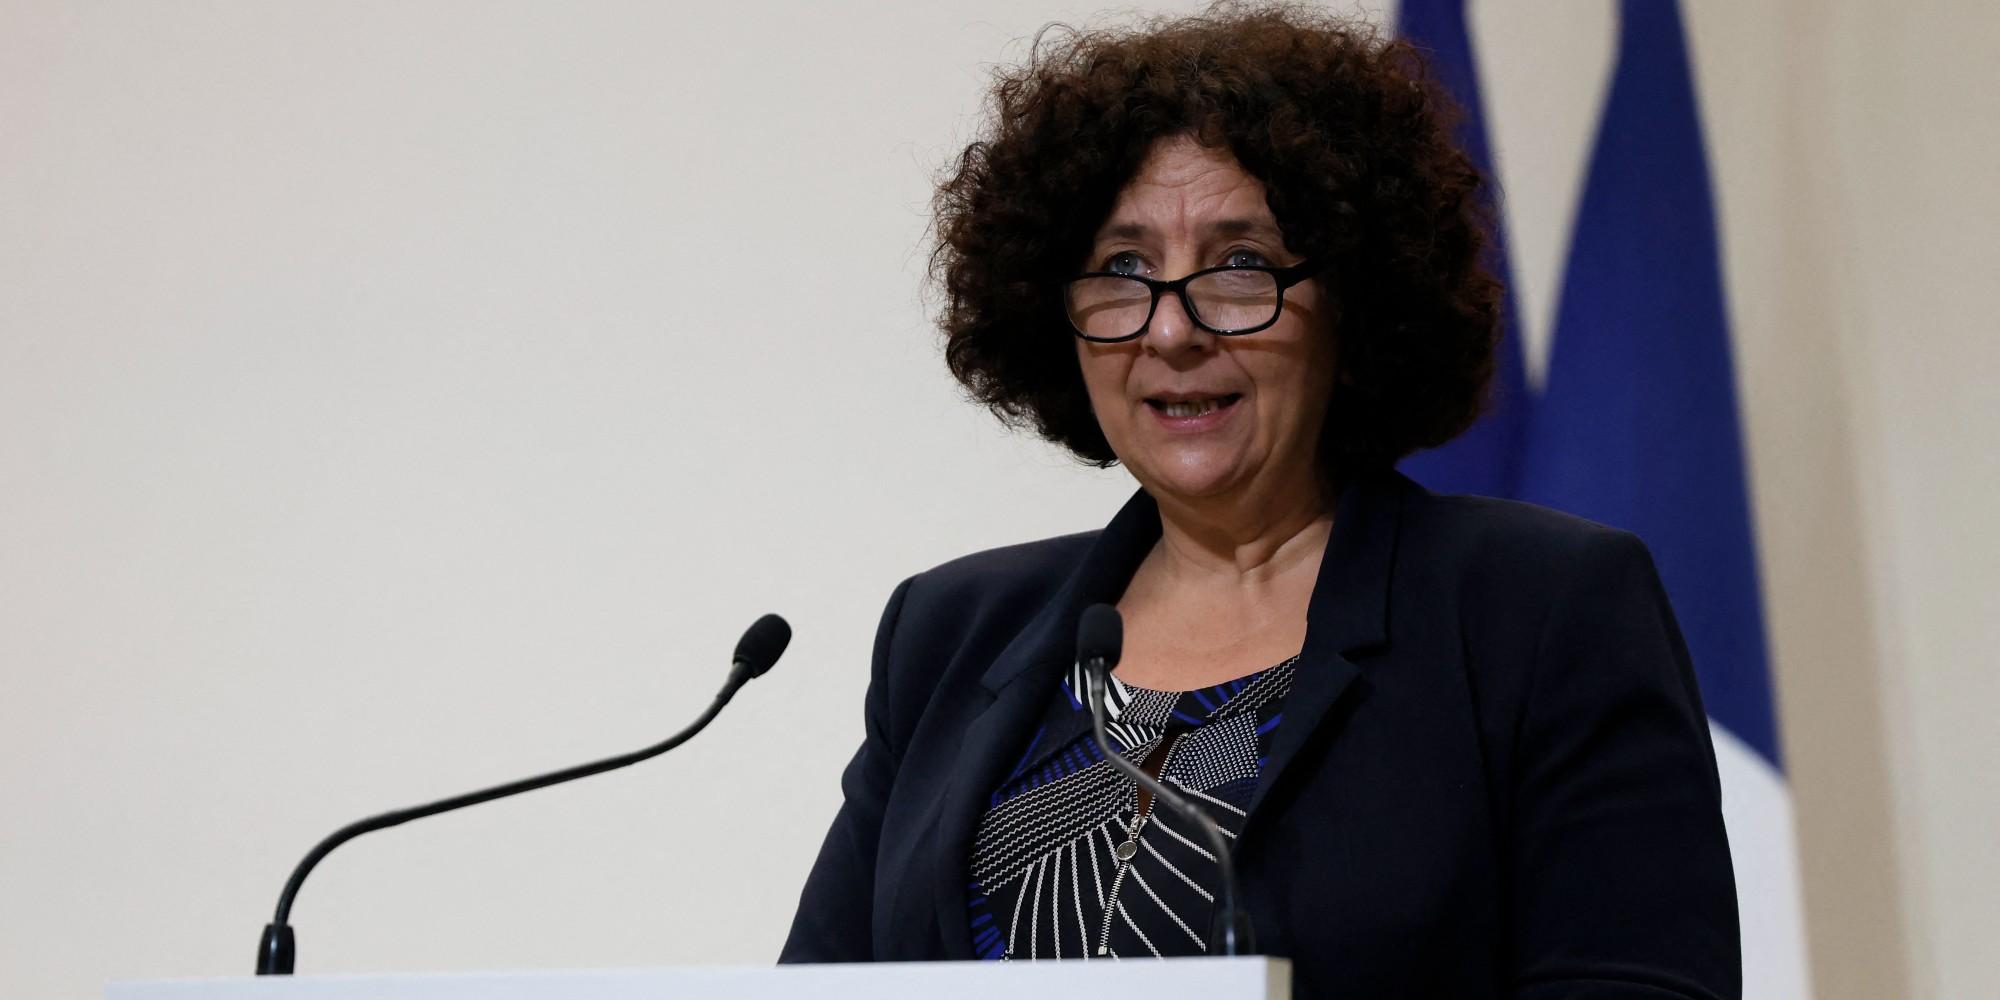 """Violences sexuelles à Sciences Po : """"Les sanctions doivent être exemplaires"""", assure Frédérique Vidal"""